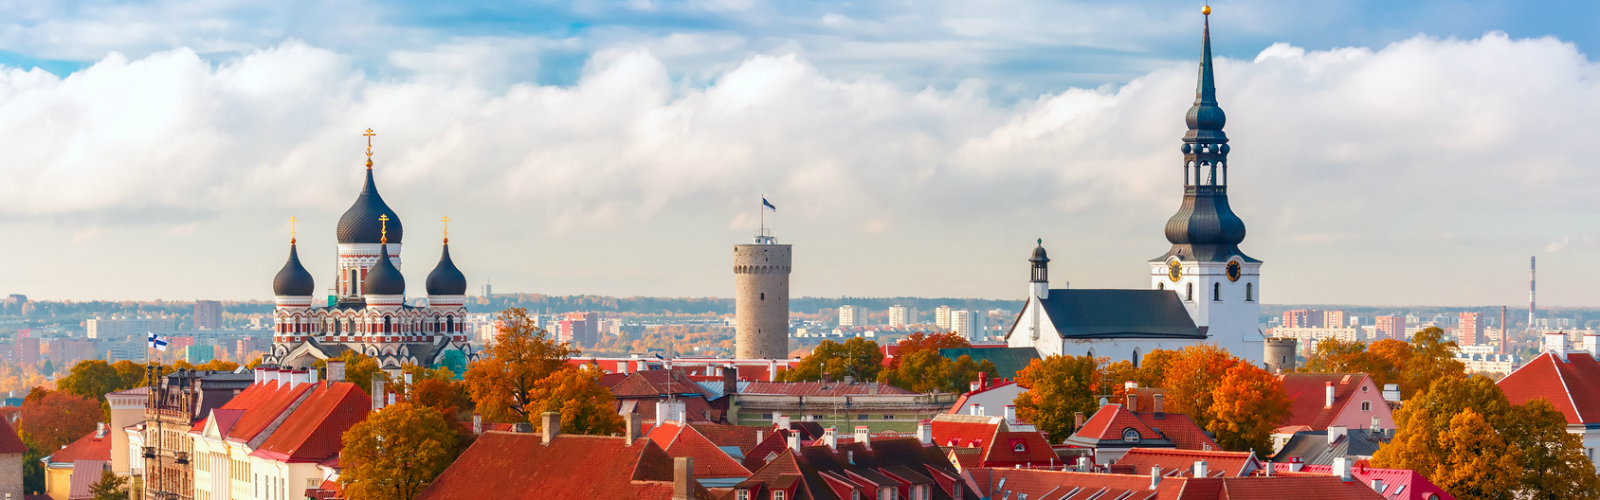 Op Stedentrip naar Tallinn